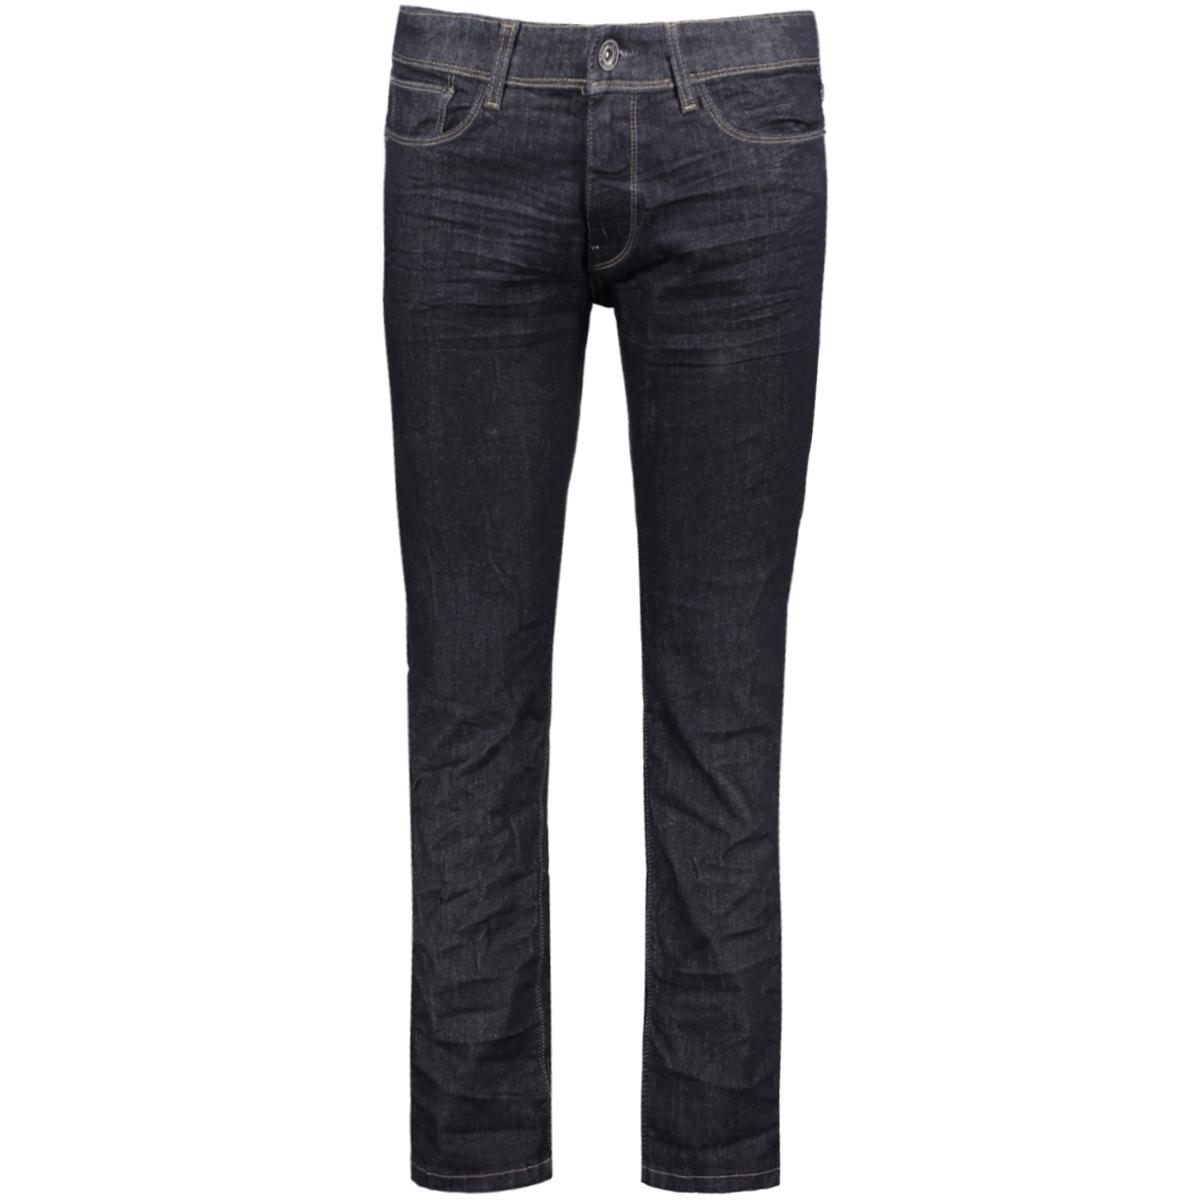 997ee2b804 esprit jeans e900